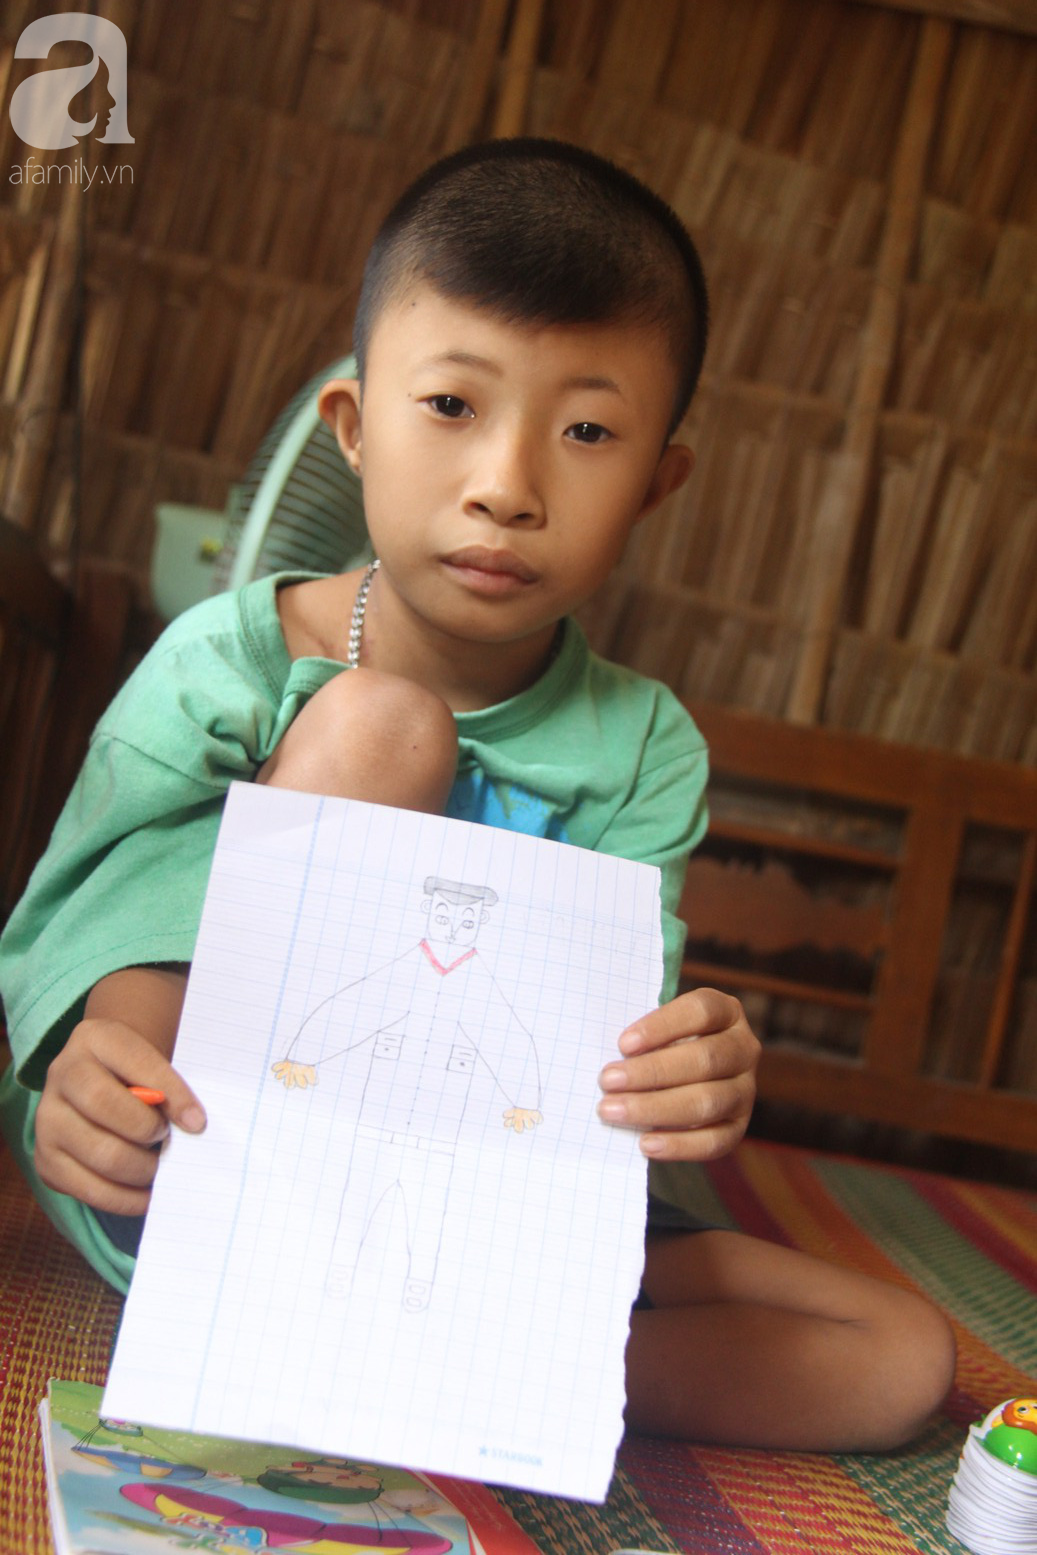 Phép màu đến với người anh tâm thần, cầu xin mọi người cứu lấy em trai 9 tuổi bị tim bẩm sinh - Ảnh 8.